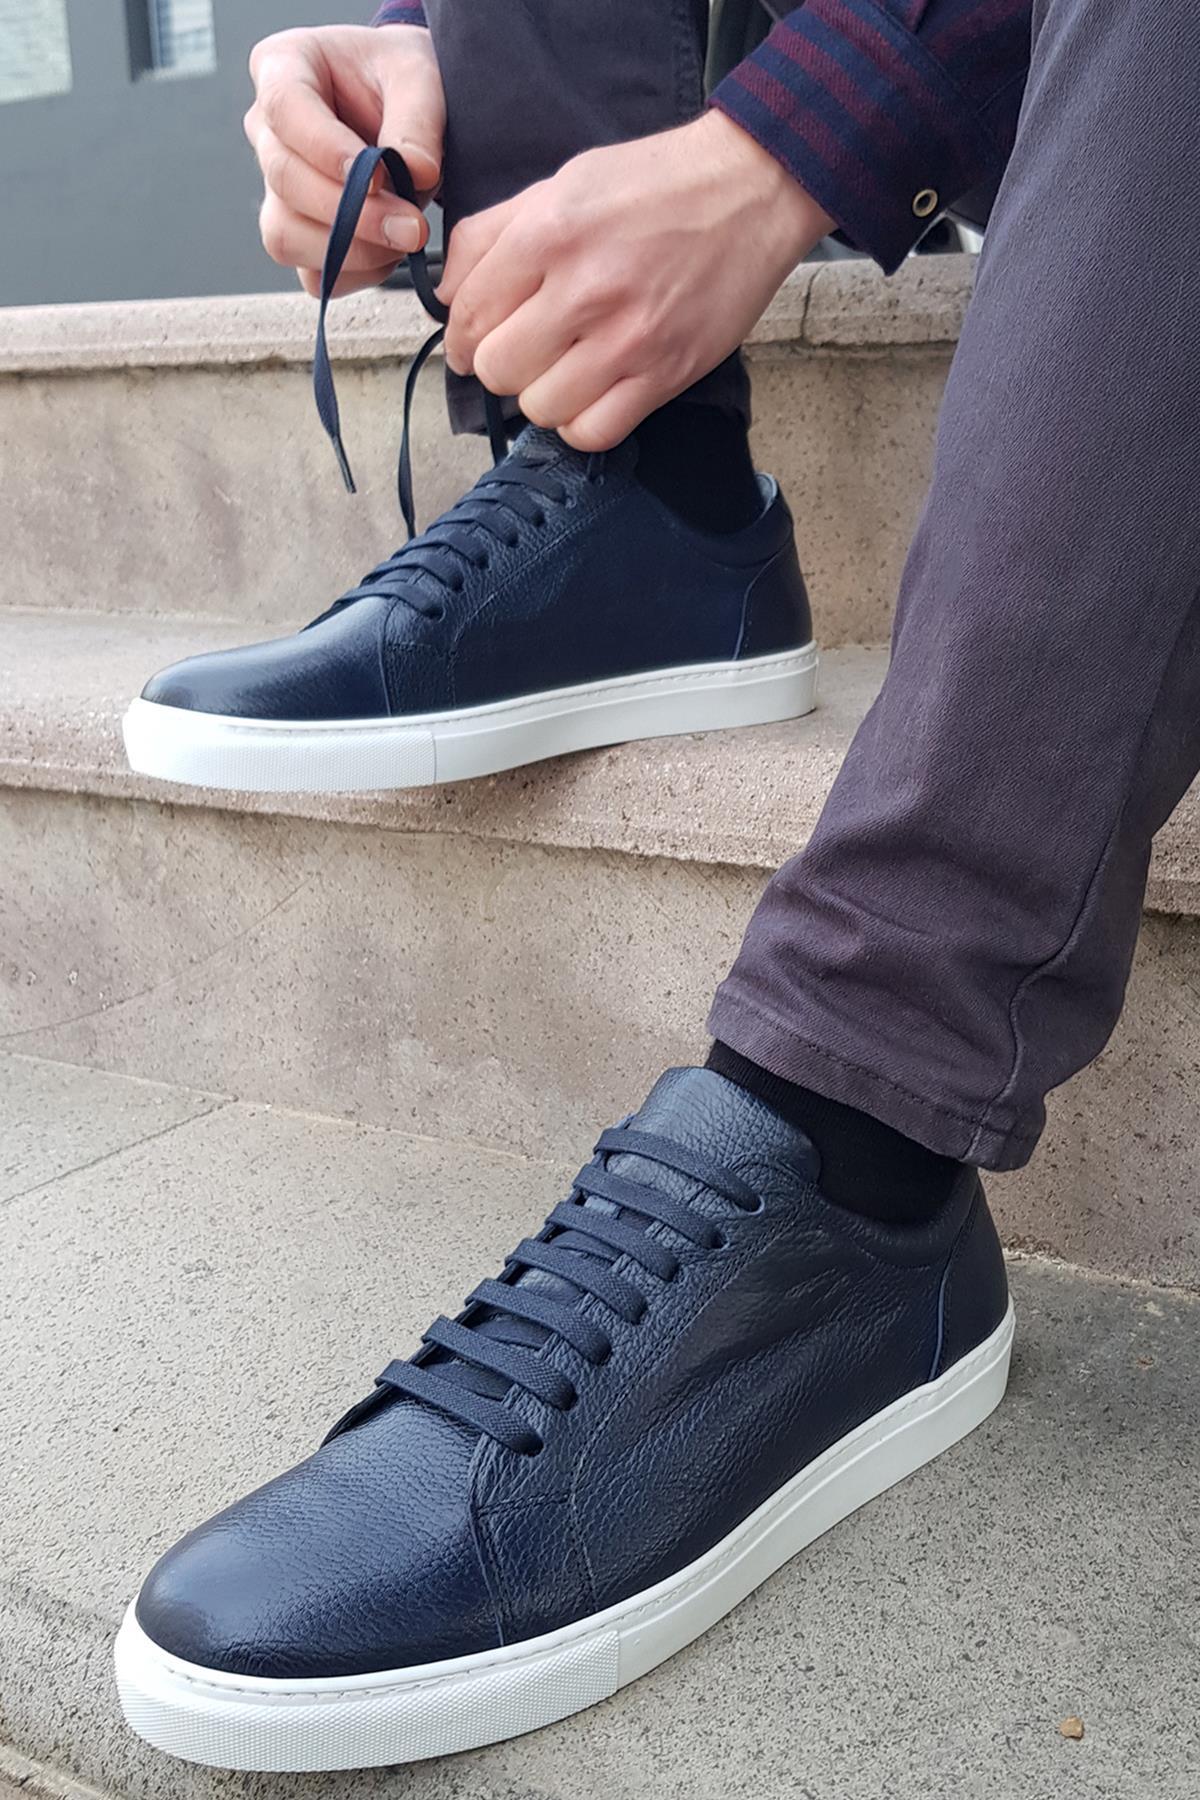 Buyuksun Hakiki Deri Erkek Spor Ayakkabı Sneaker 36.002.11